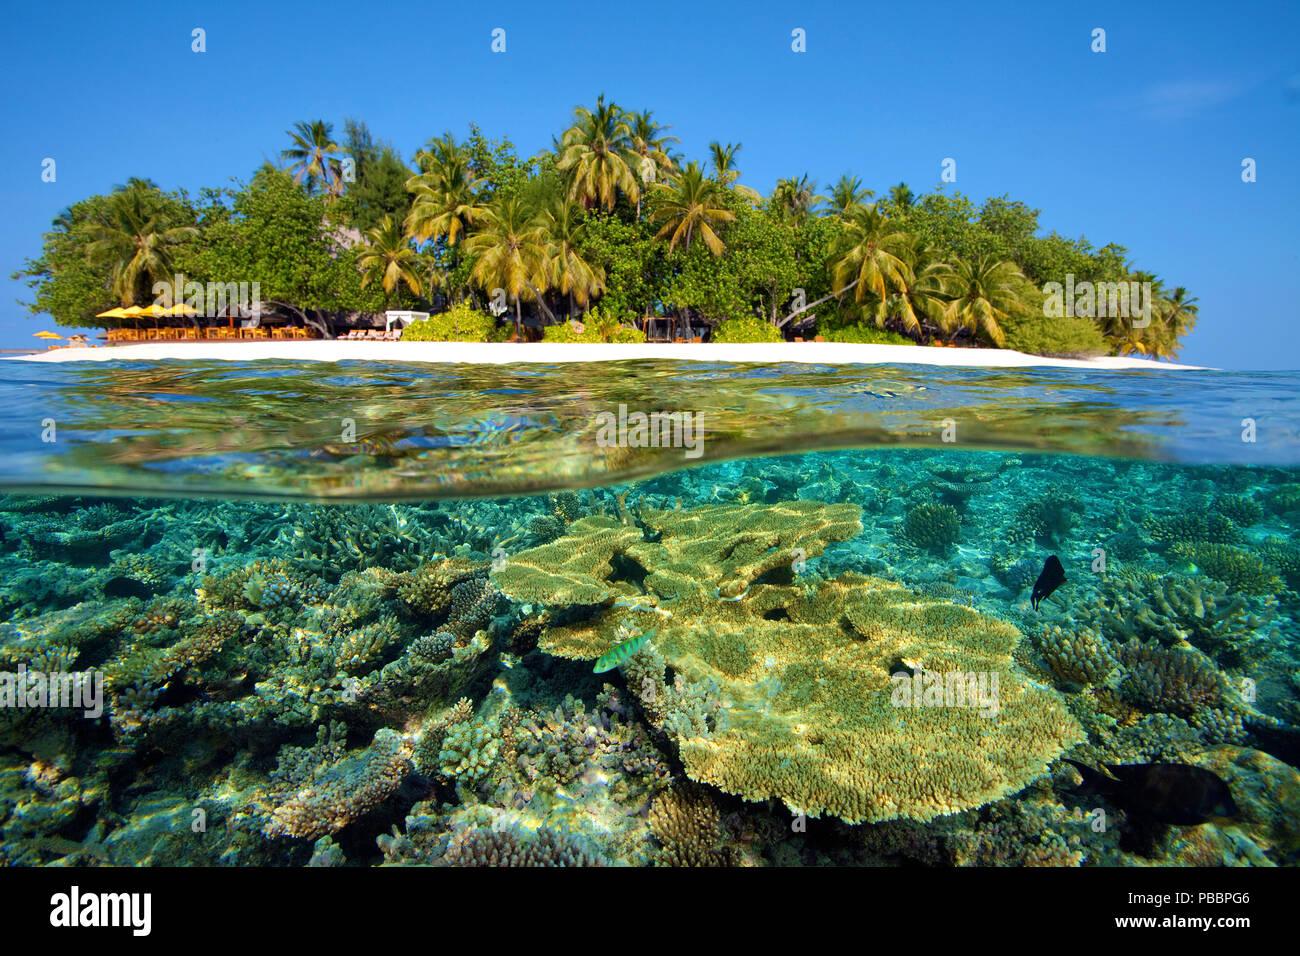 Coral reef all'Angsana isola (ex nome Ihuru island), Immagine sdoppiata, North-Male Atoll, Maldive Immagini Stock